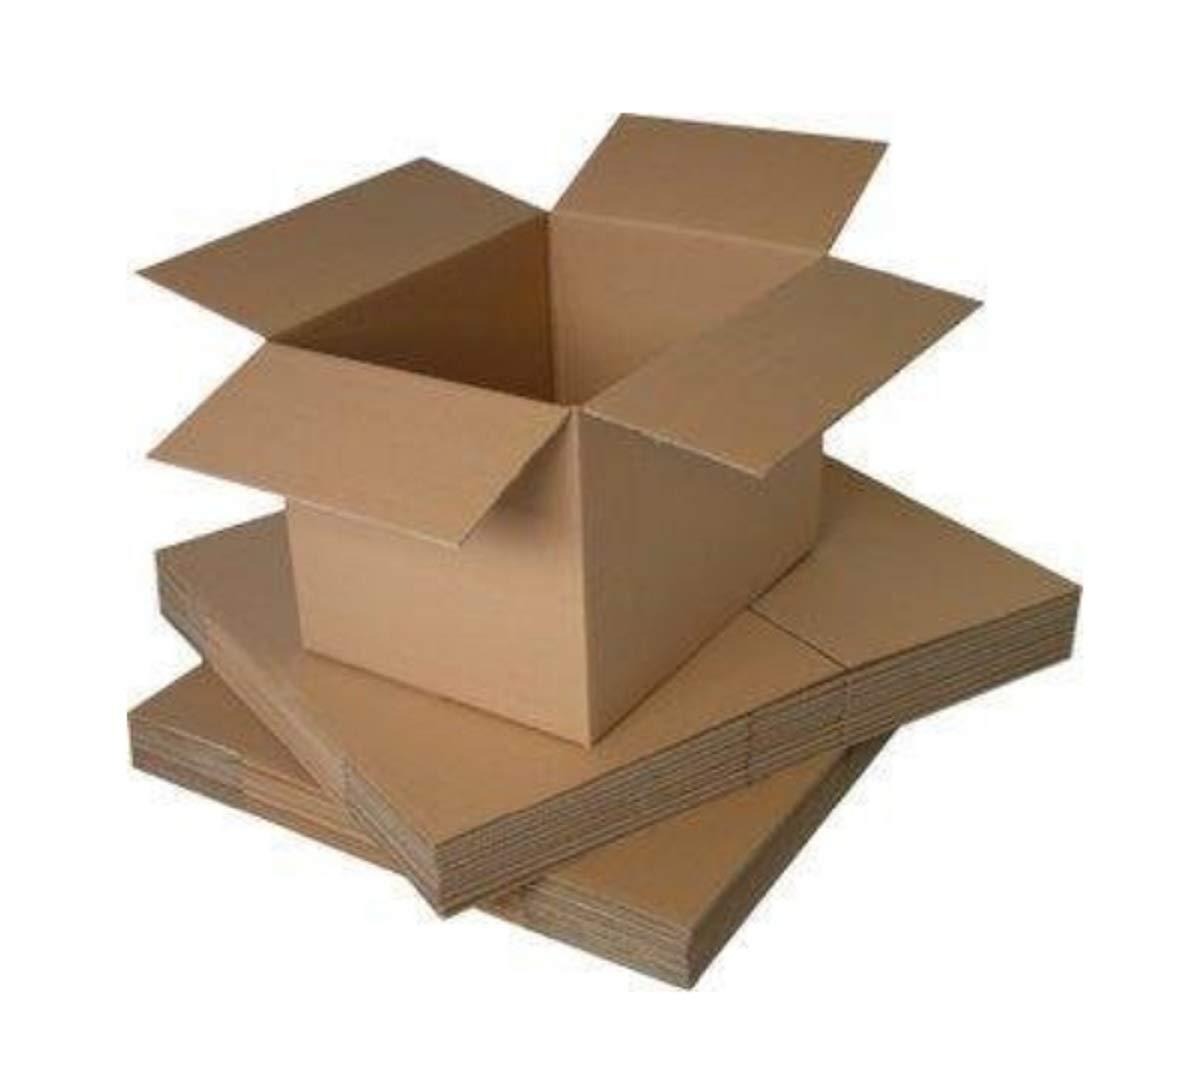 Cajas de cart/ón para mudanza Mediano y Grande 9 x 9 x 9 Packitsafe 229x229x229mm Varios tama/ños Disponibles tama/ño peque/ño